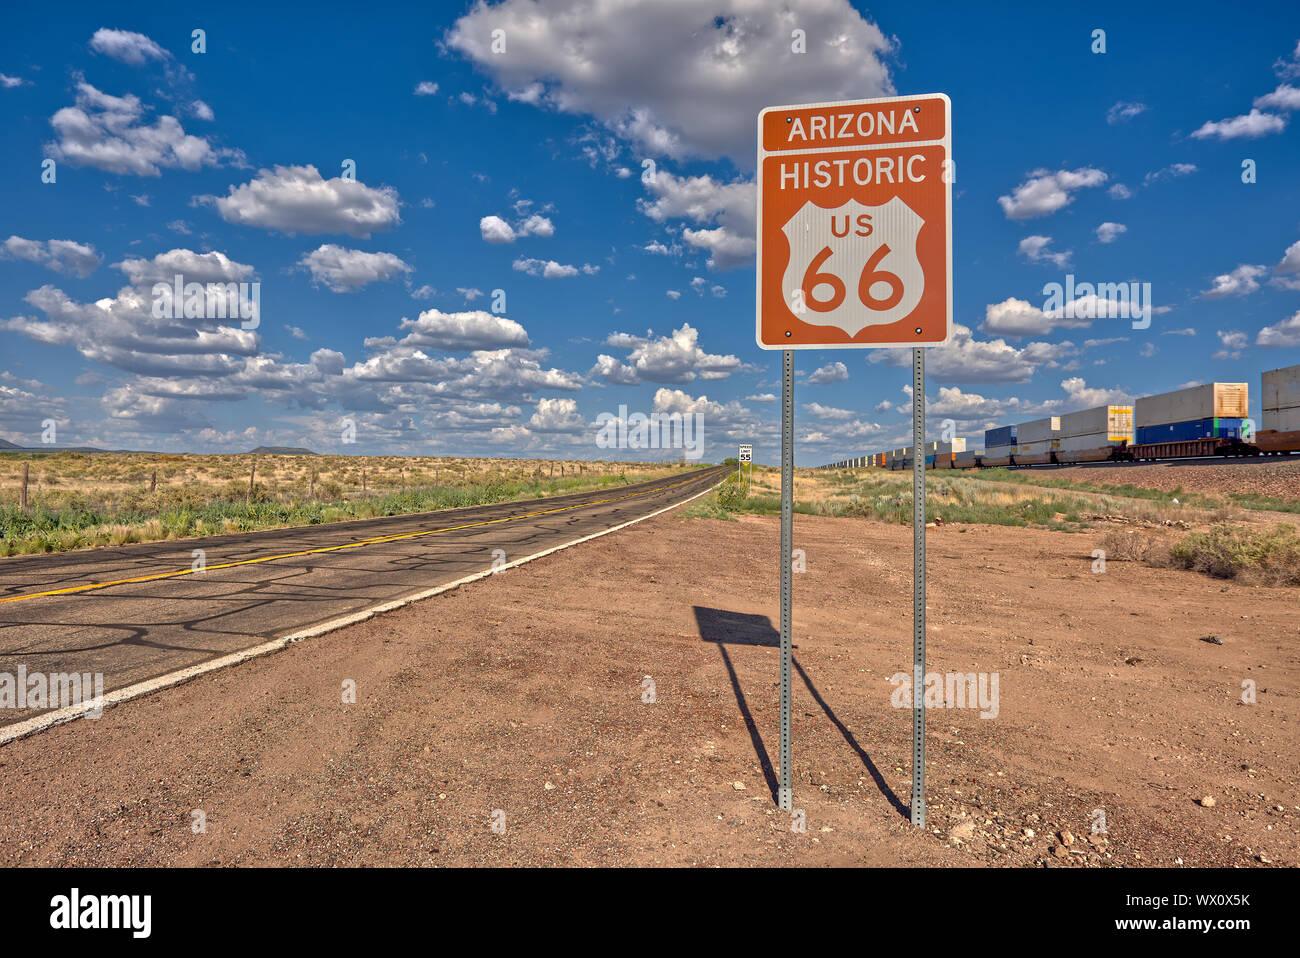 Cartello stradale marcatura storica Route 66 appena ad est di Seligman, il luogo di nascita della famosa strada, Arizona, Stati Uniti d'America, America del Nord Foto Stock